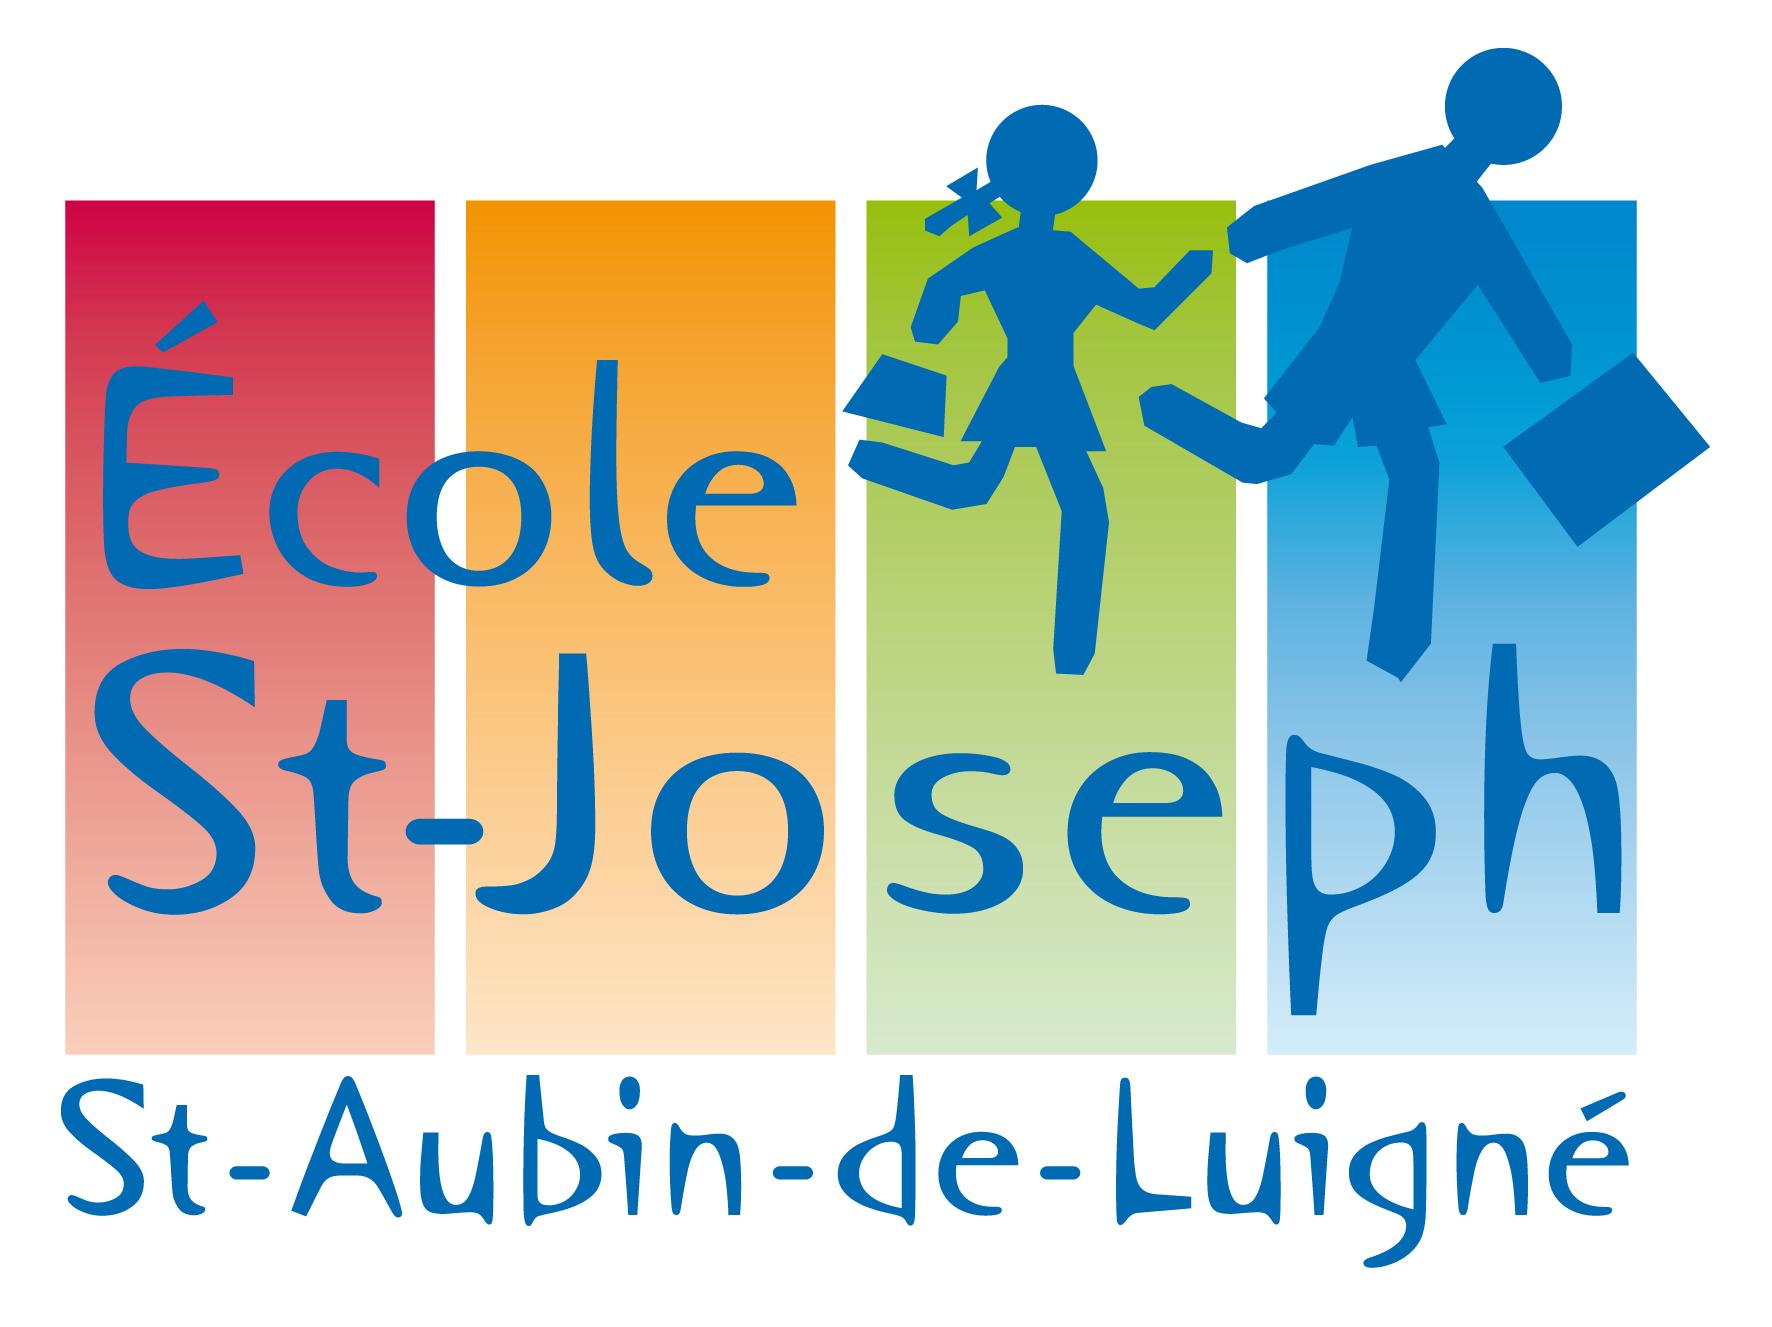 Ecole St Joseph-St Aubin de Luigné